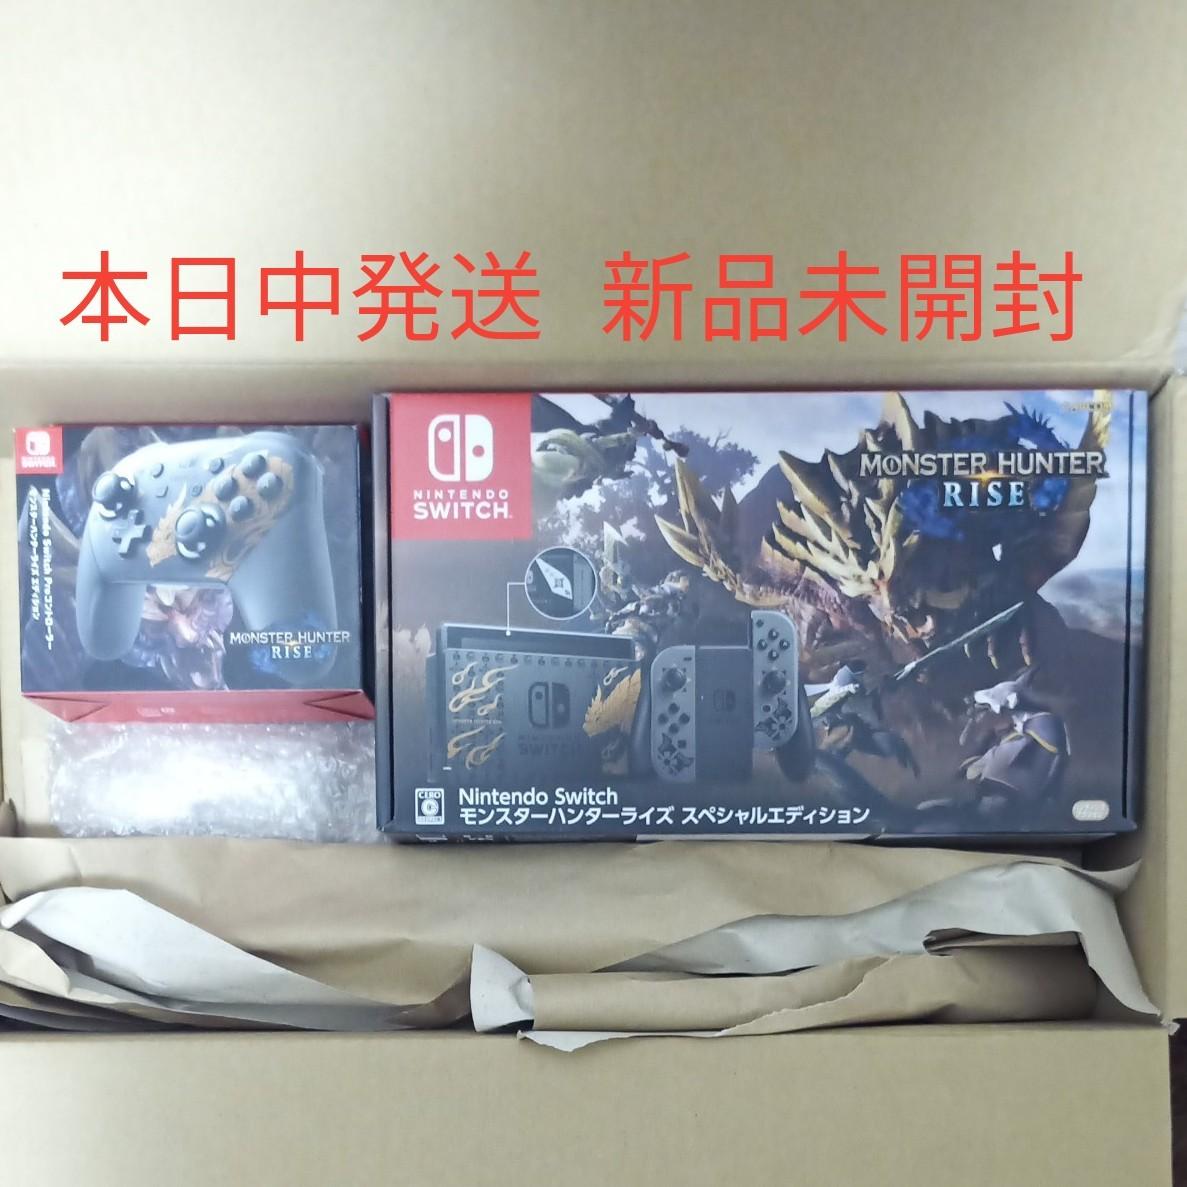 Nintendo Switch モンスターハンター ライズ スペシャルエディション & プロコン モンハンエディション